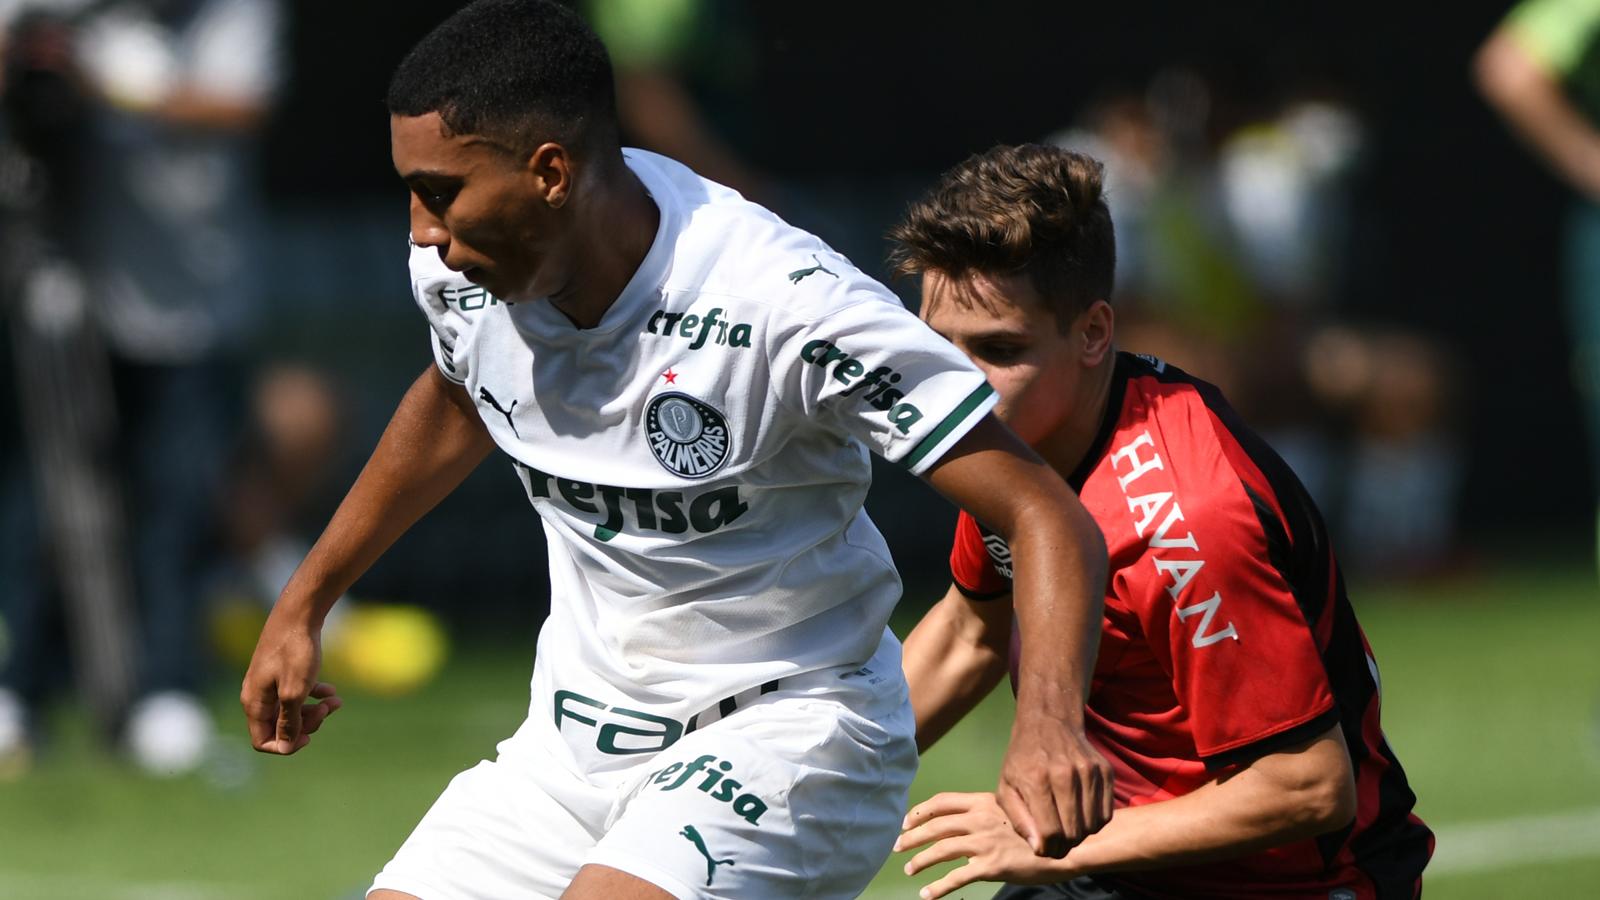 Copa do Brasil Sub-17: Athletico-PR vira após levar 3 a 1, mas Palmeiras avança em longa disputa de pênaltis